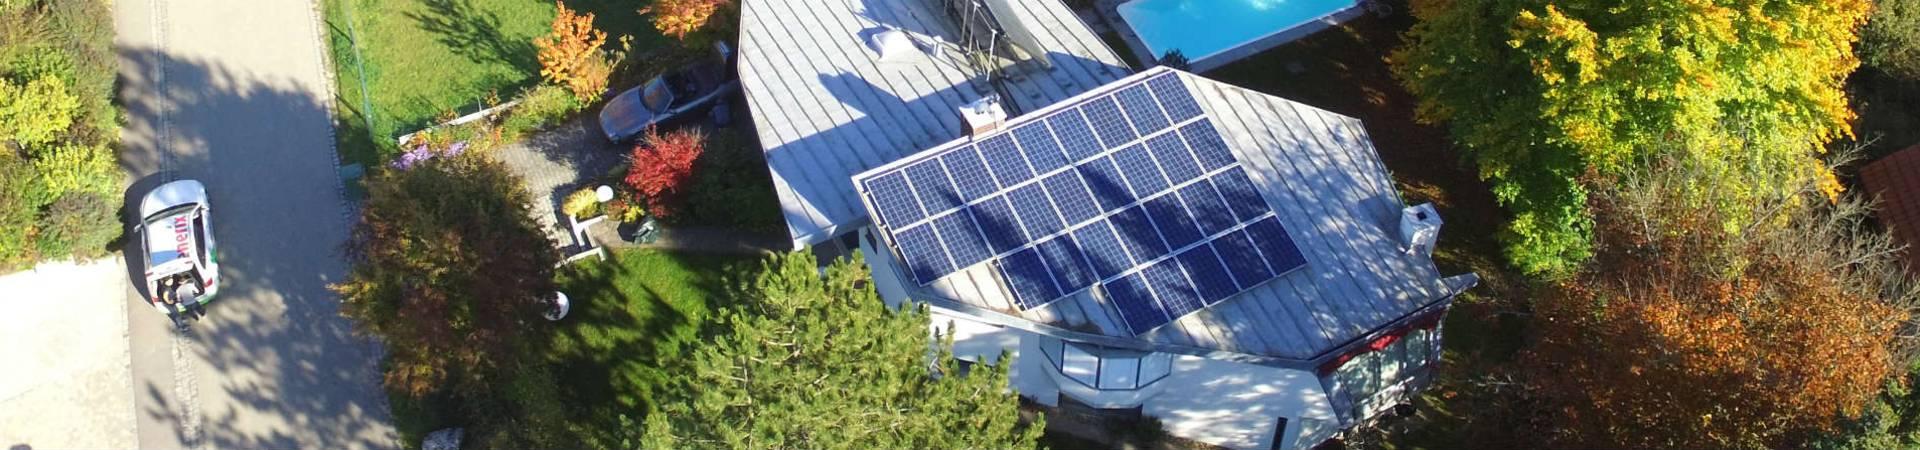 Solaredge Wechselrichter und Leistungsoptimierer